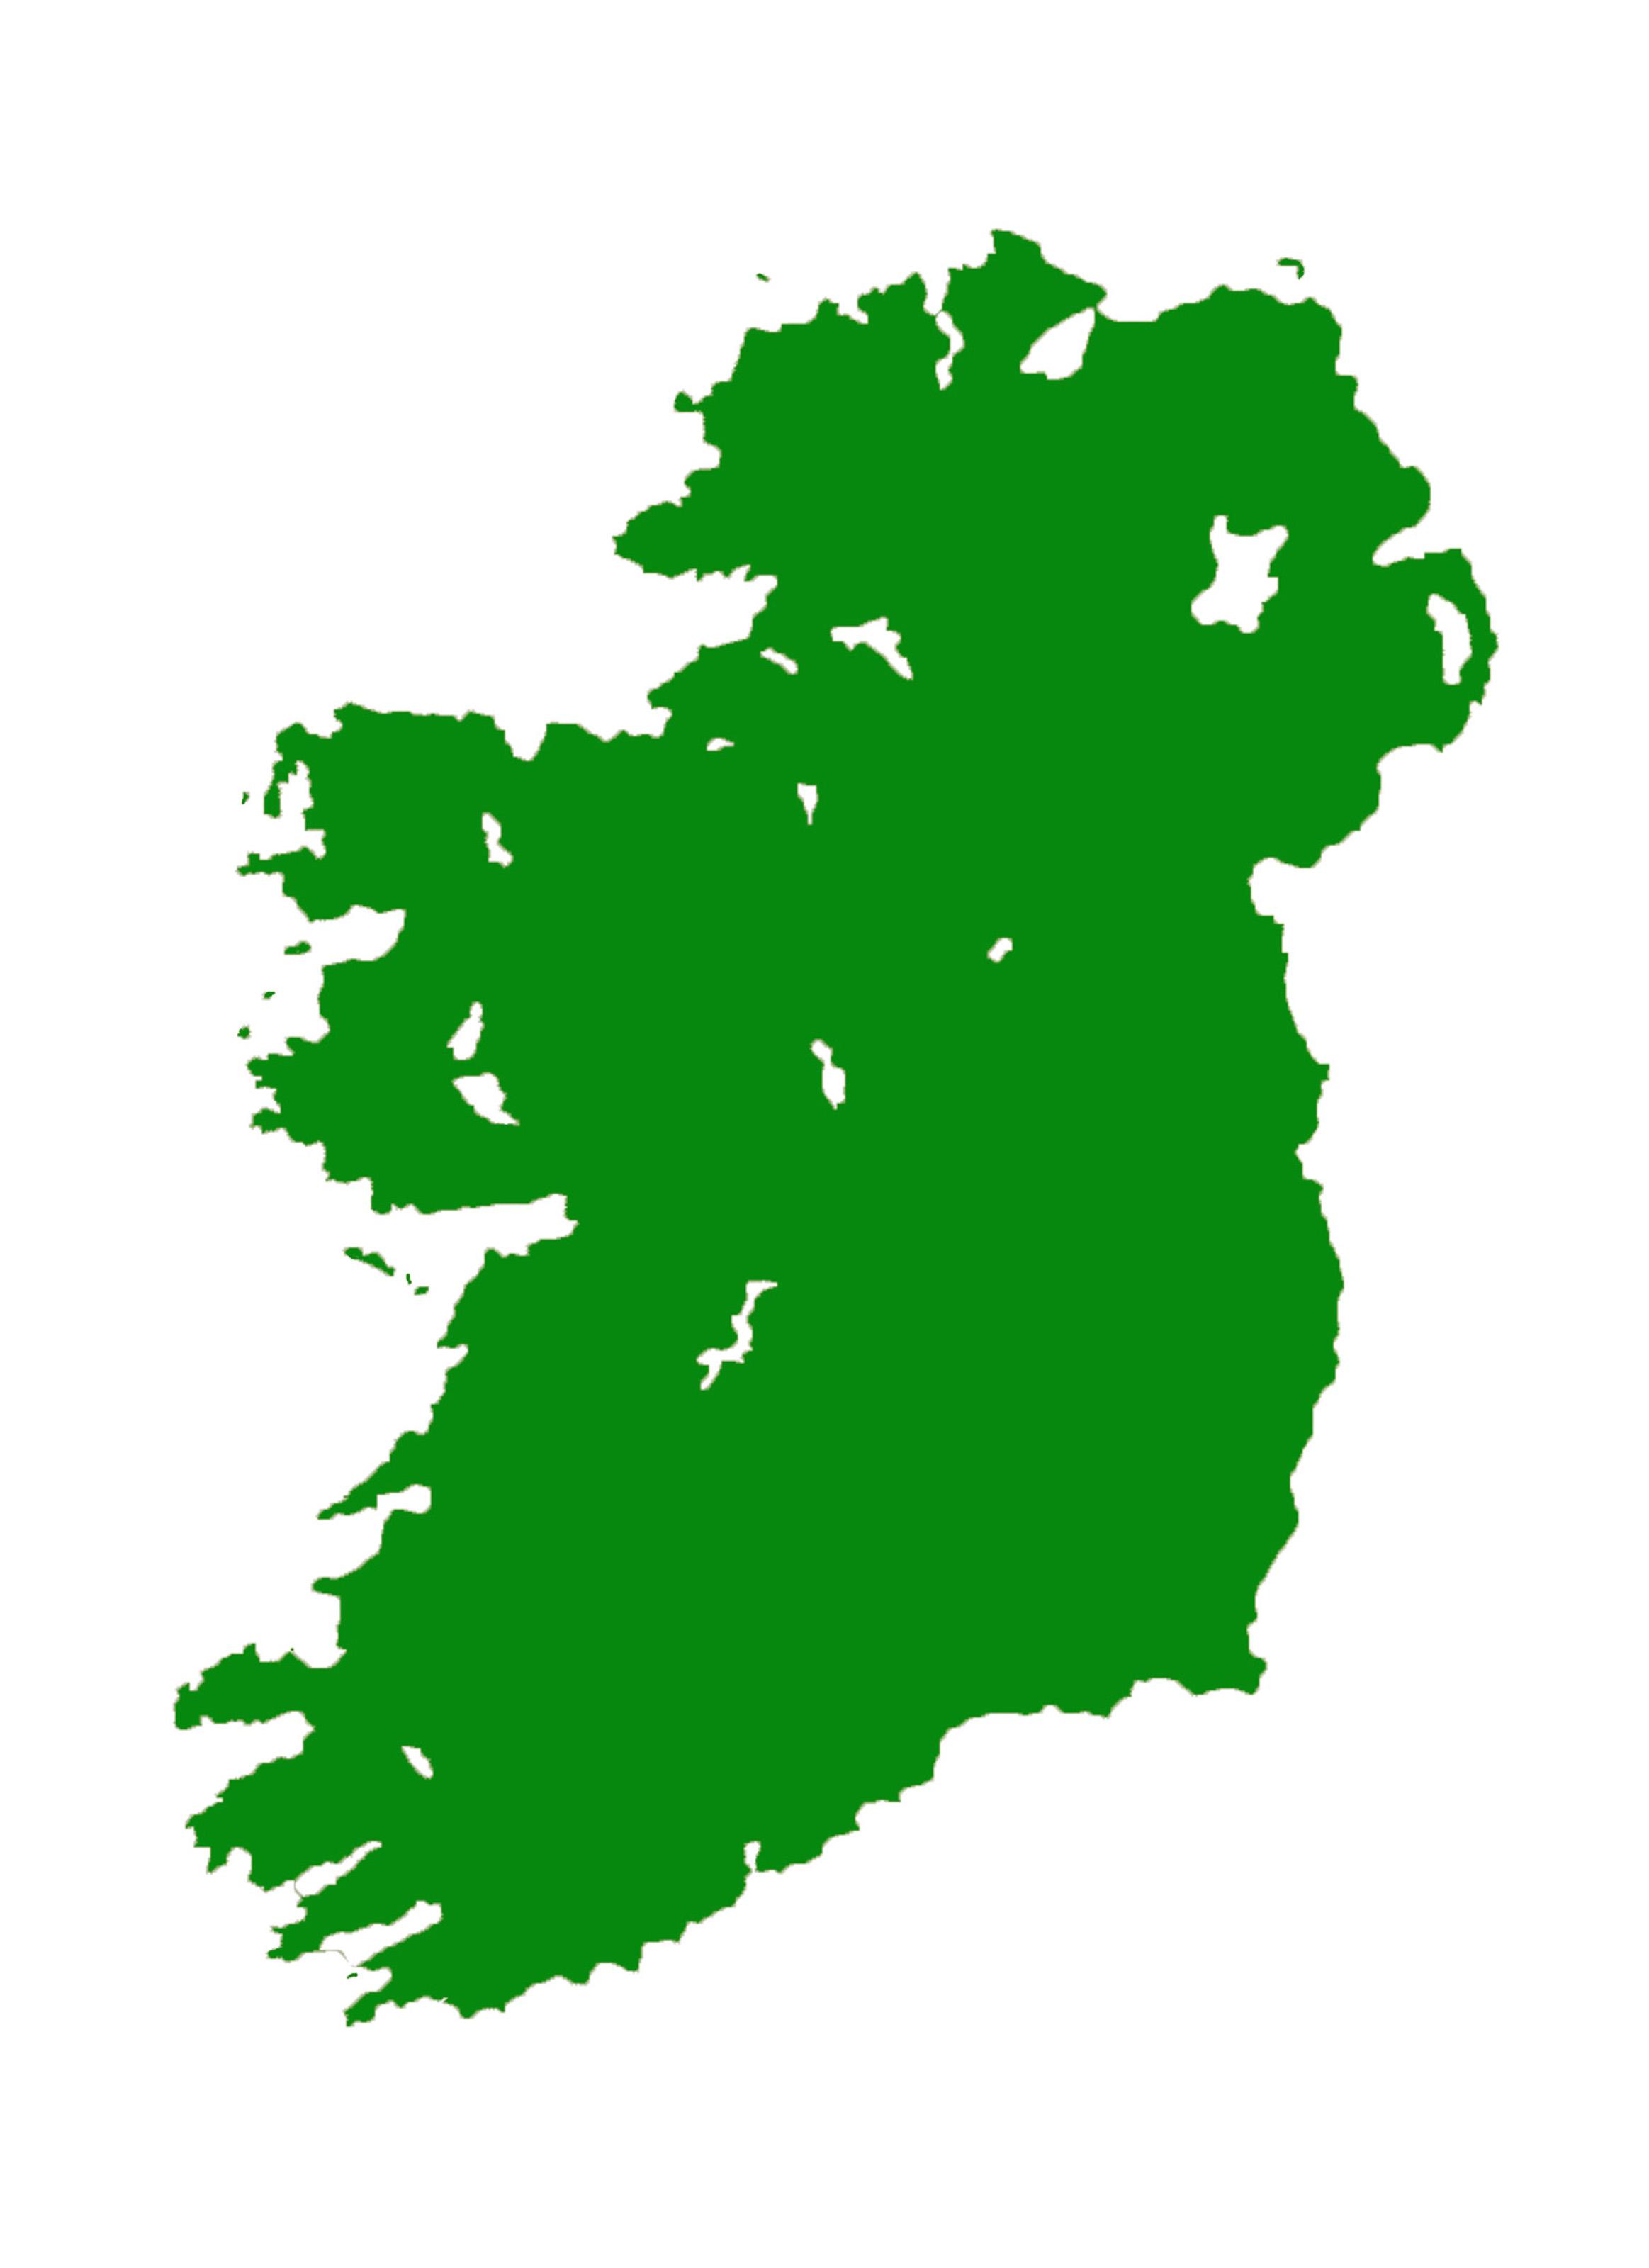 Image result for map of ireland white bg